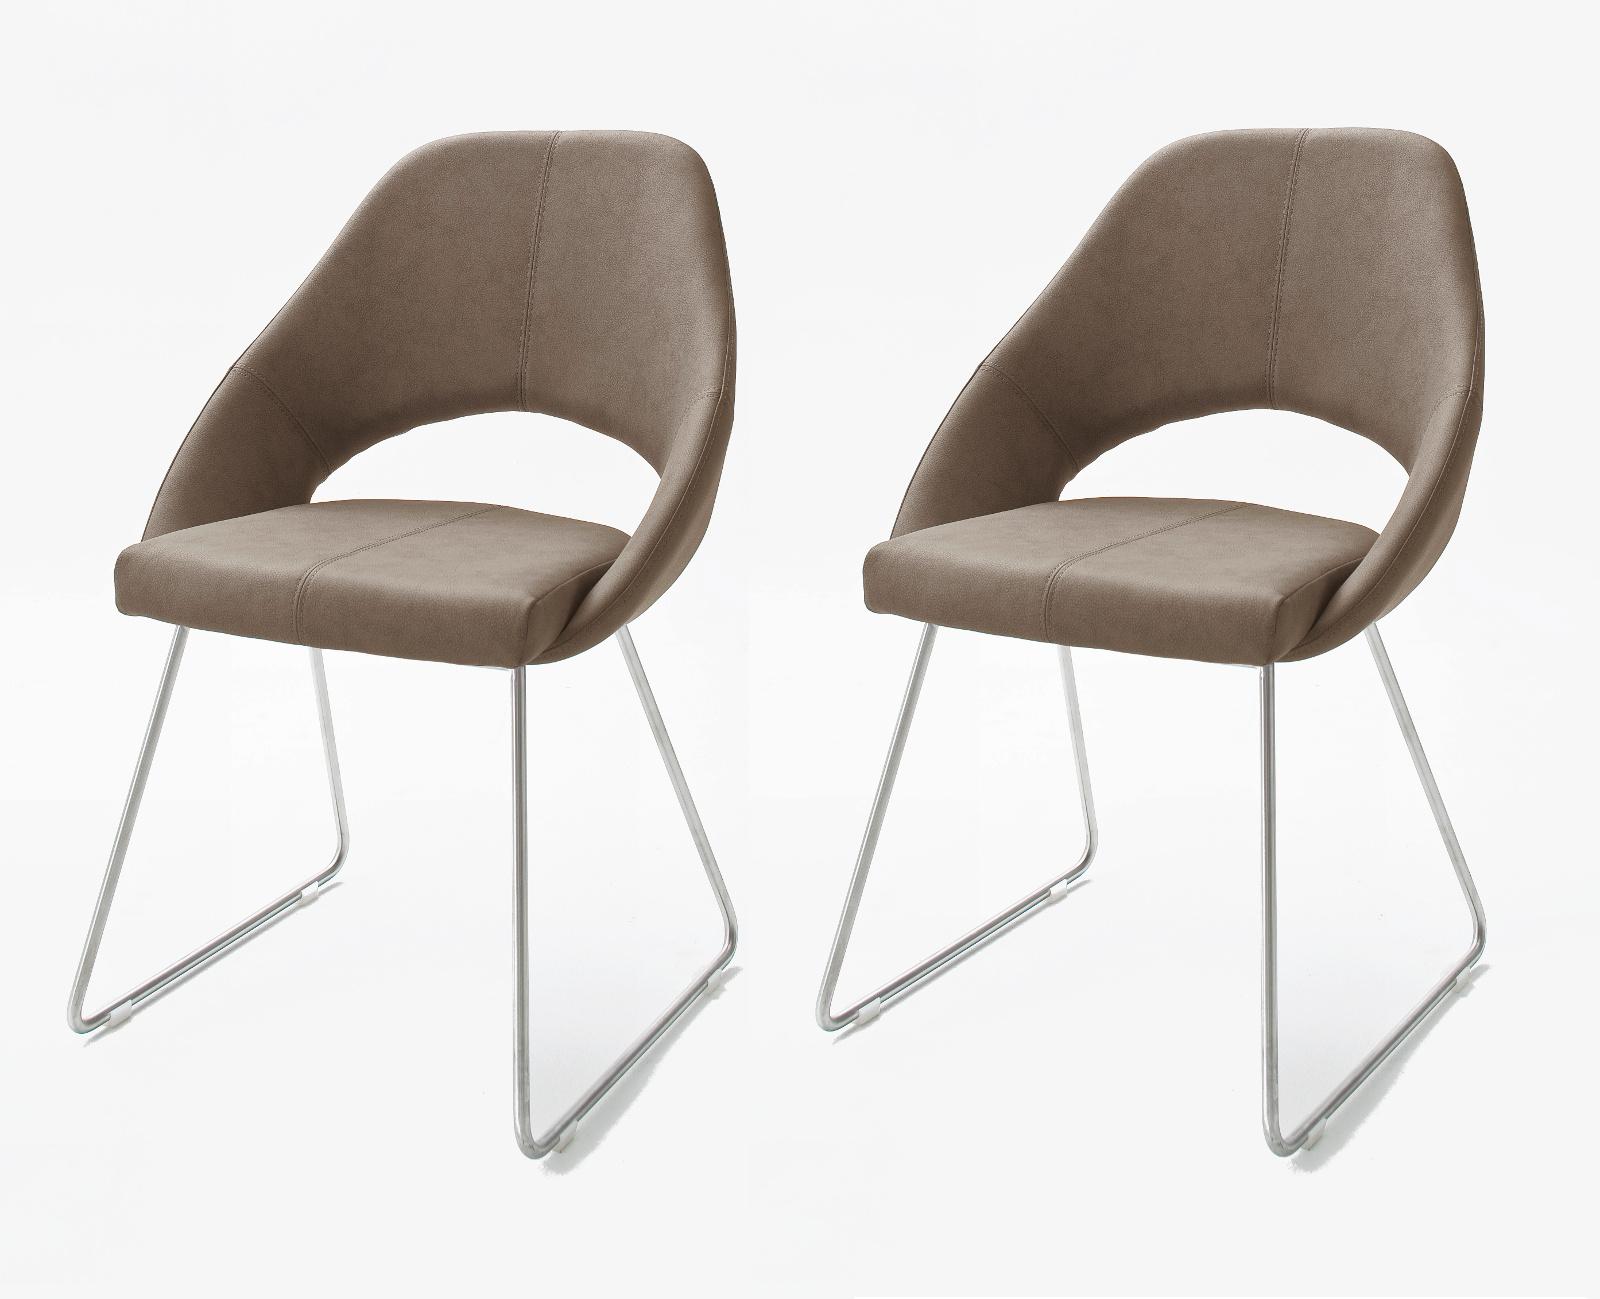 MCA Furniture Dajana Kufenstuhl (2-er Set) taupe DA7419_TA